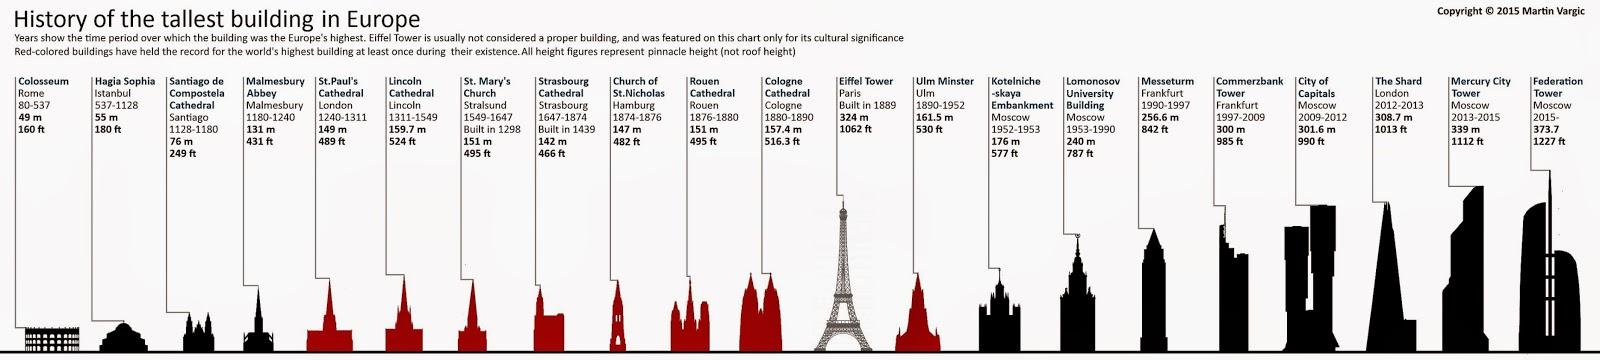 Las construcciones más altas de Europa. Las construcciones más altas del mundo